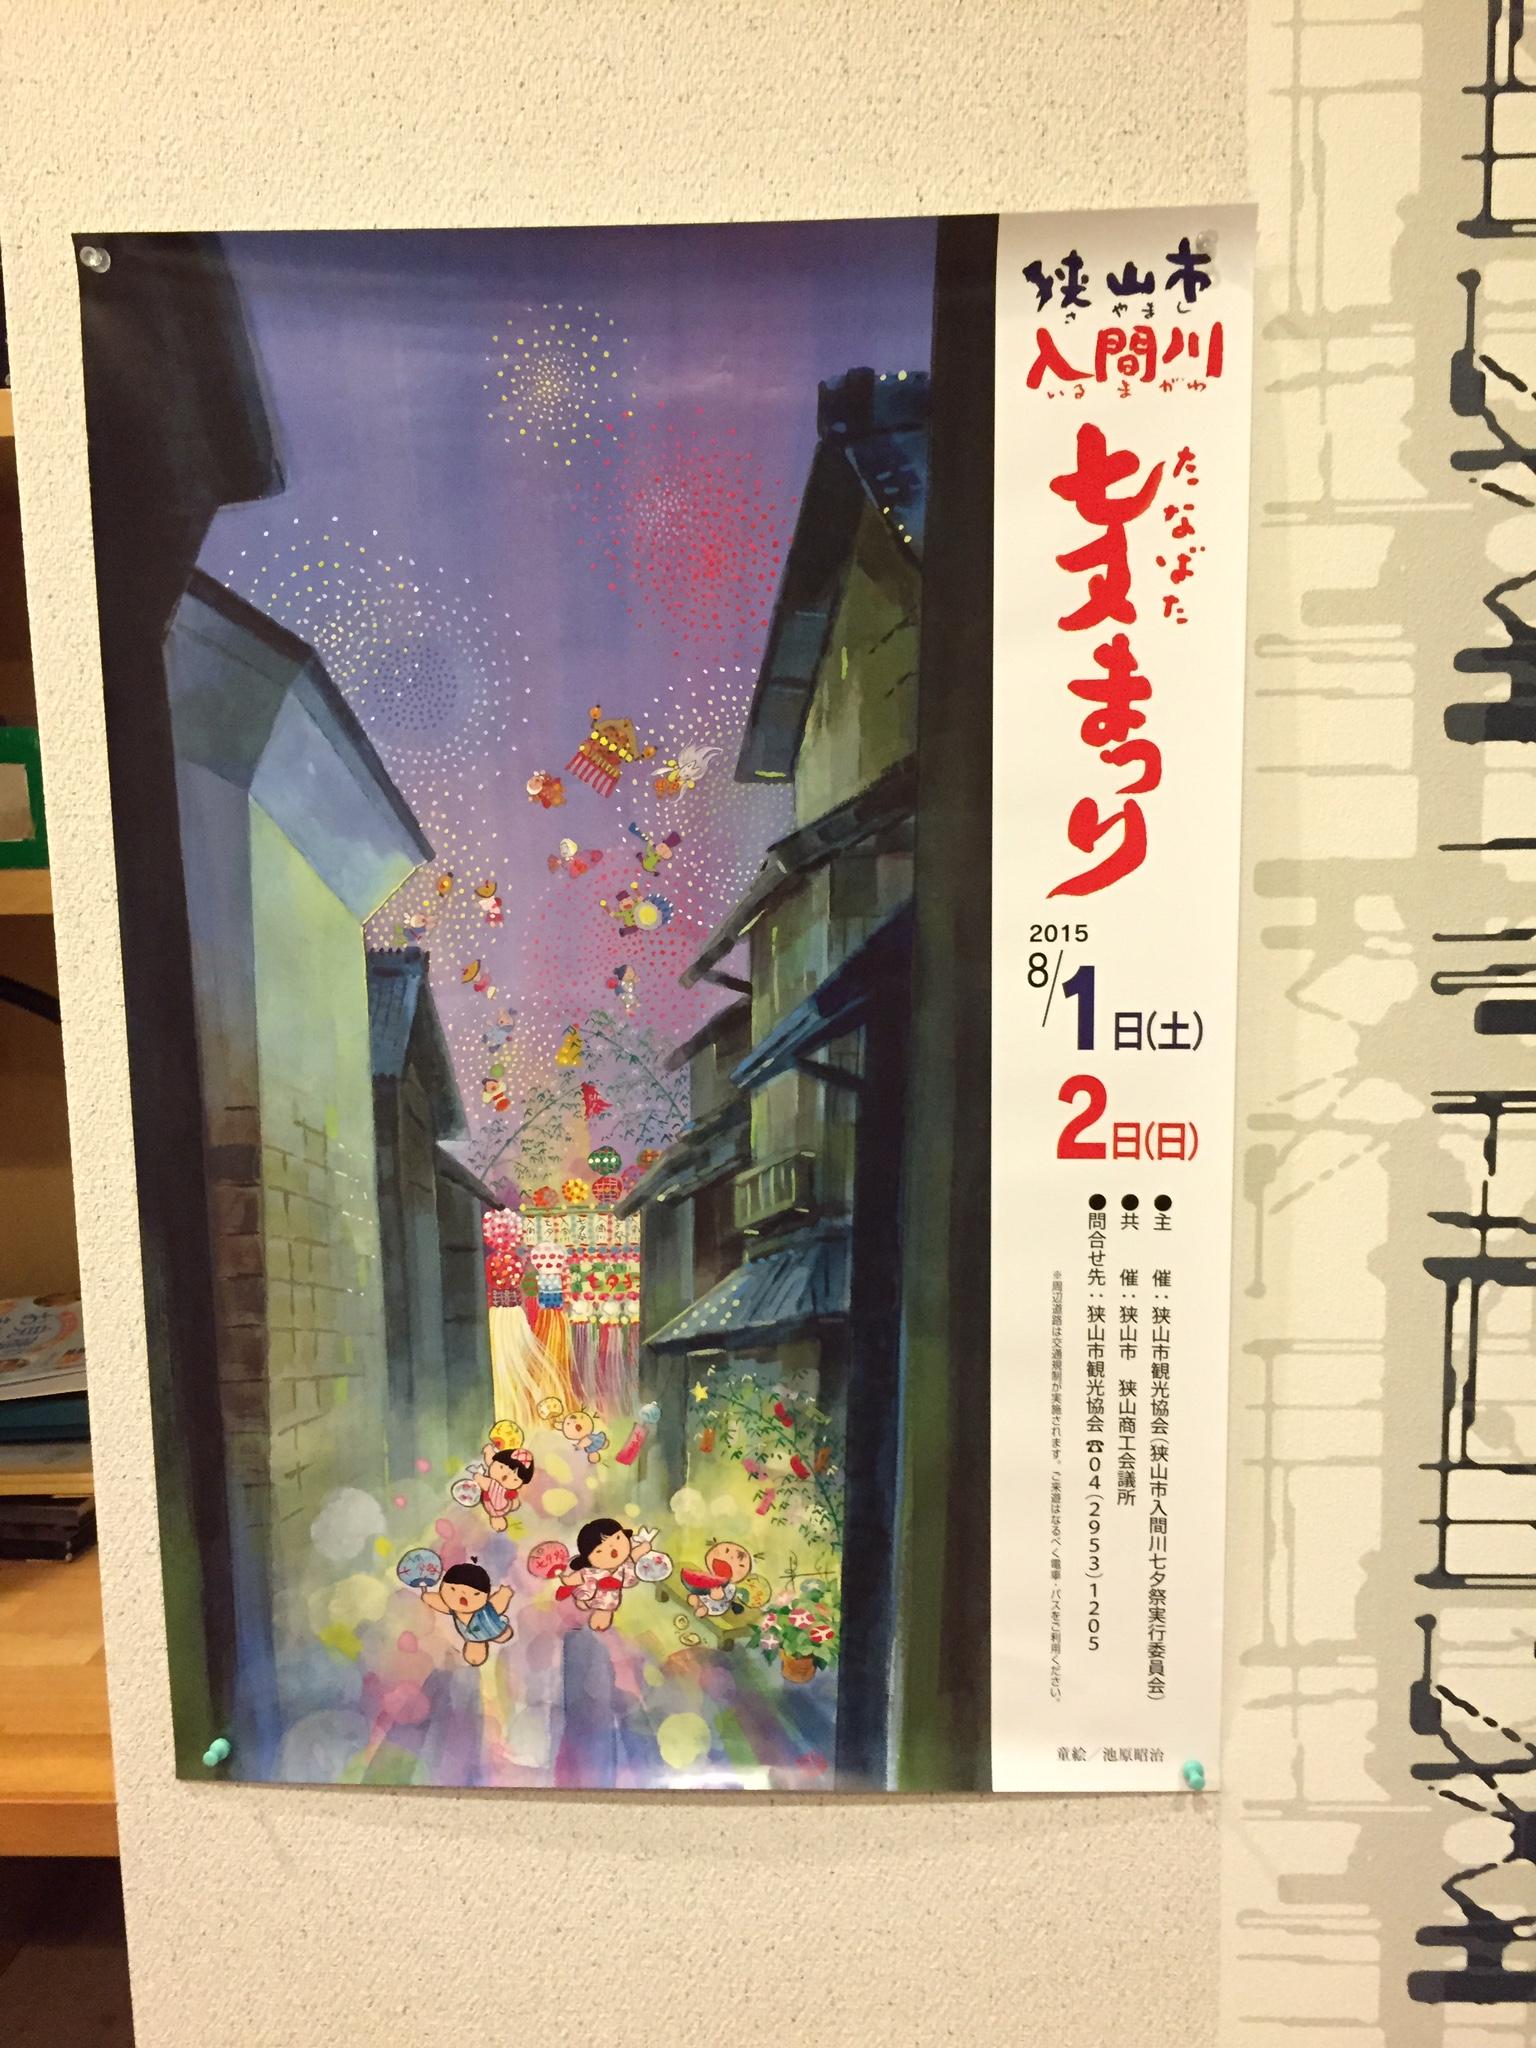 入間川七夕まつりの2015年ポスター